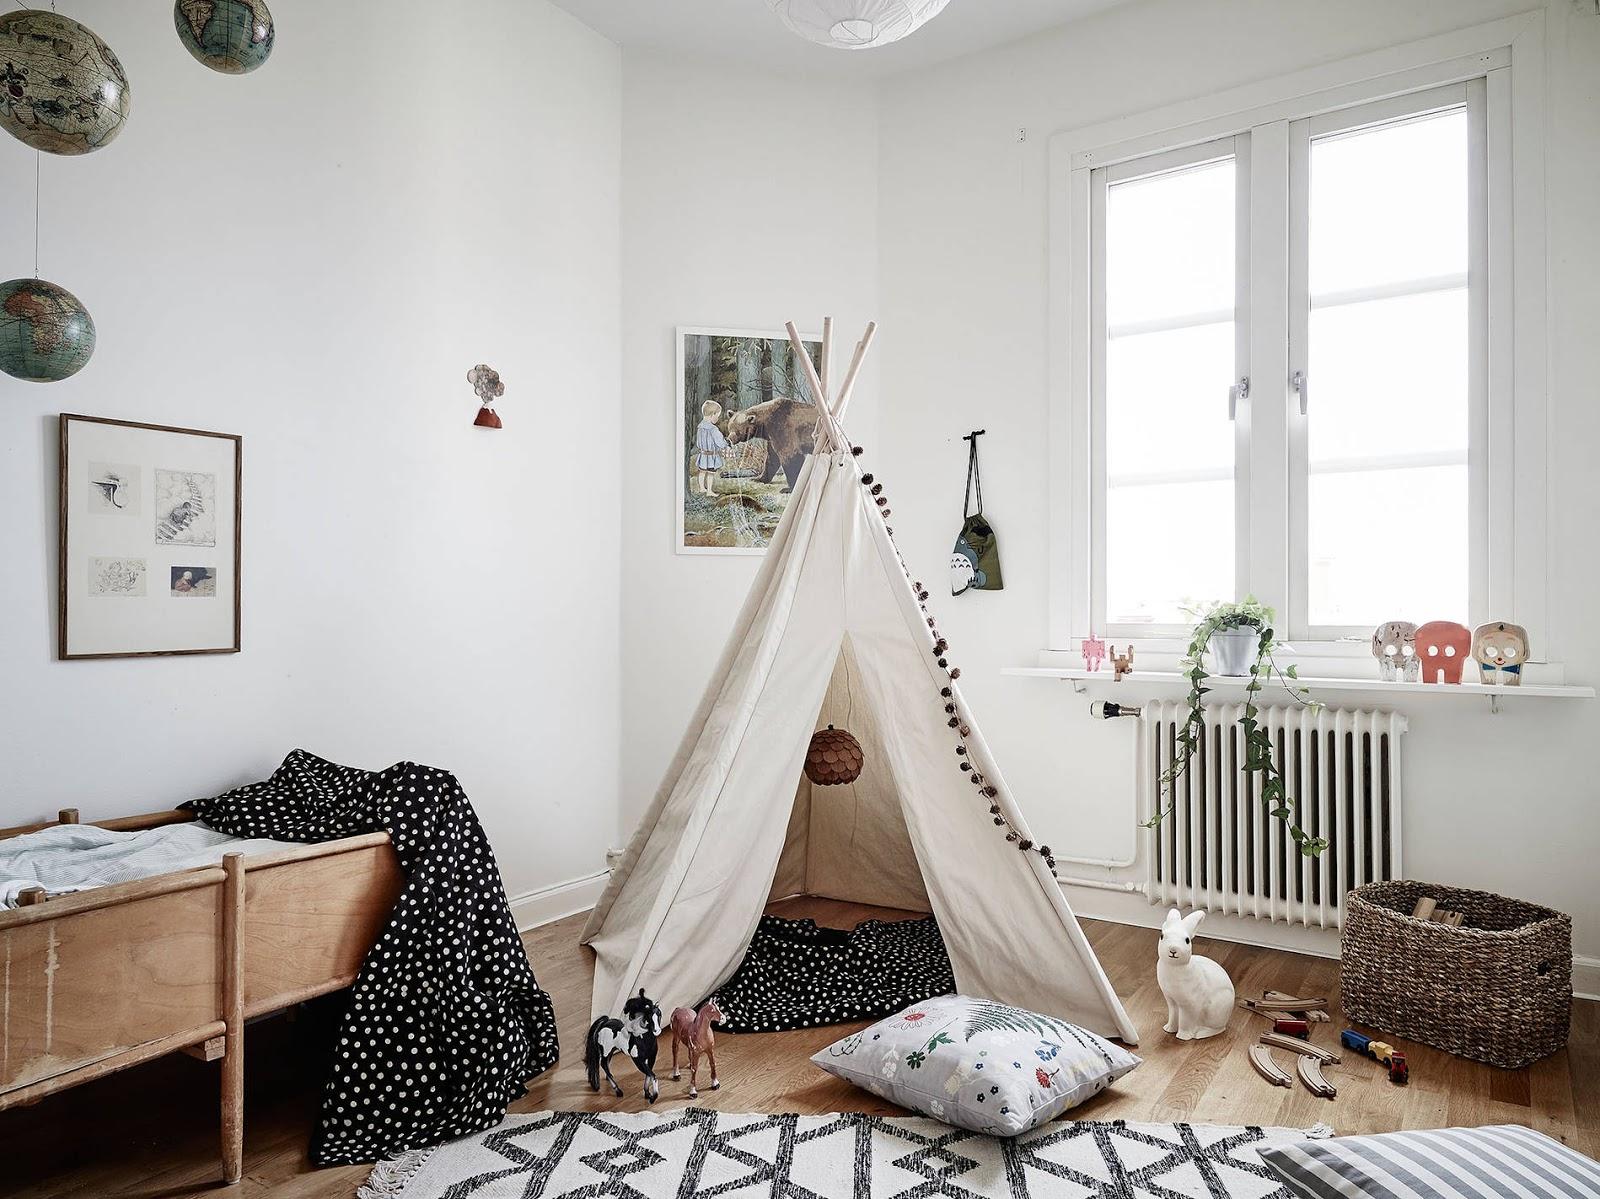 pokój dziecięcy w stylu skandynawskim, styl skandynawski dla dziecka, tipi w pokoju dziecka